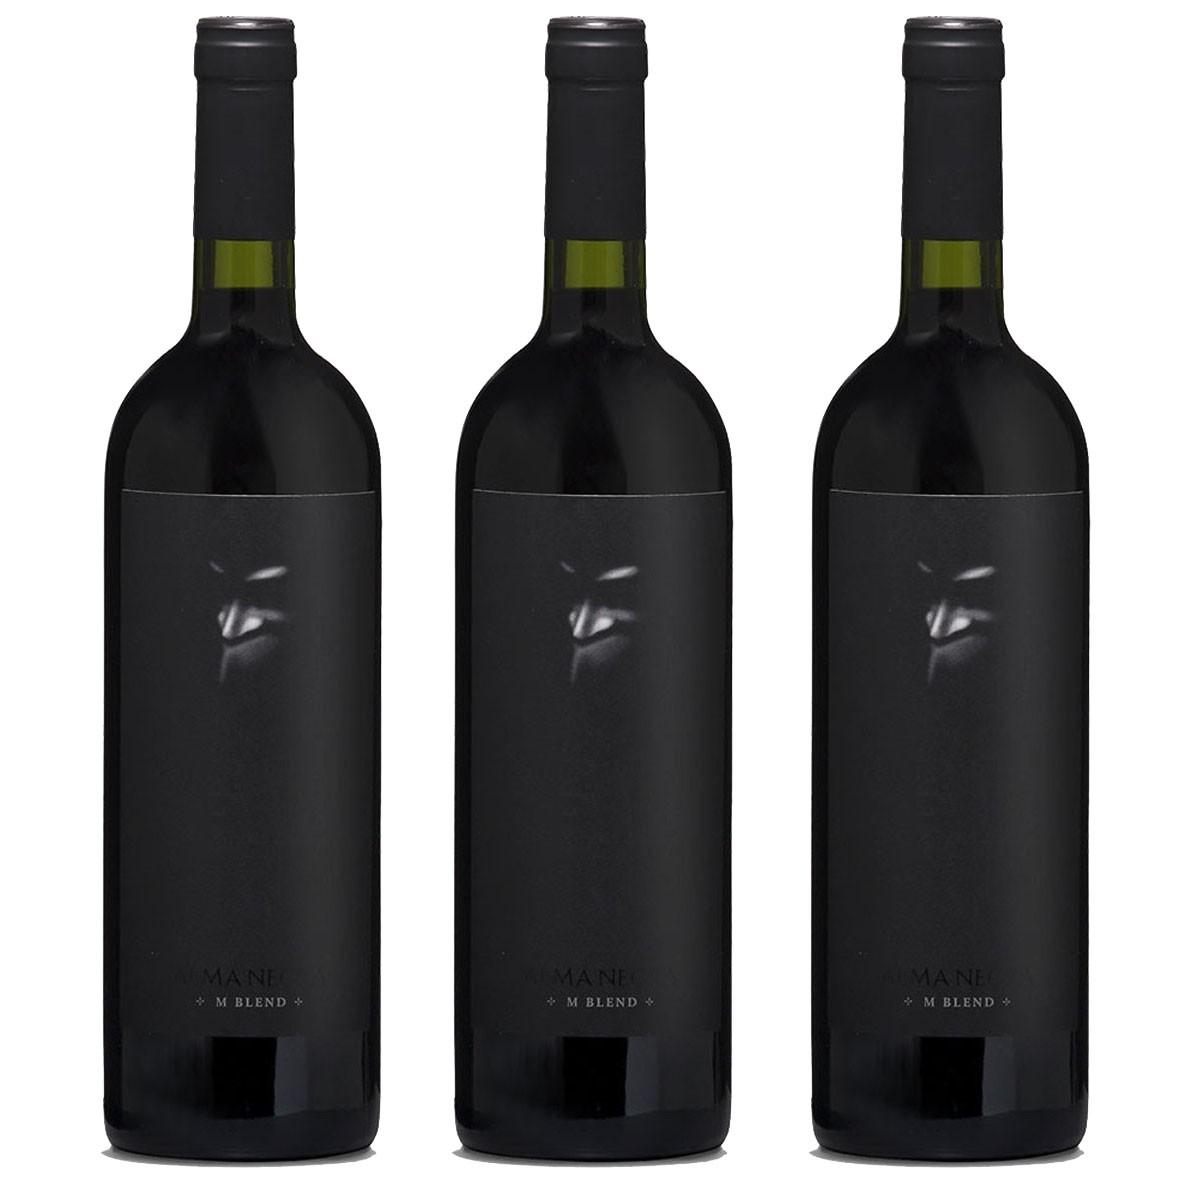 Kit 3x Vinho Tinto Argentino Alma Negra Ernesto Catena 2017